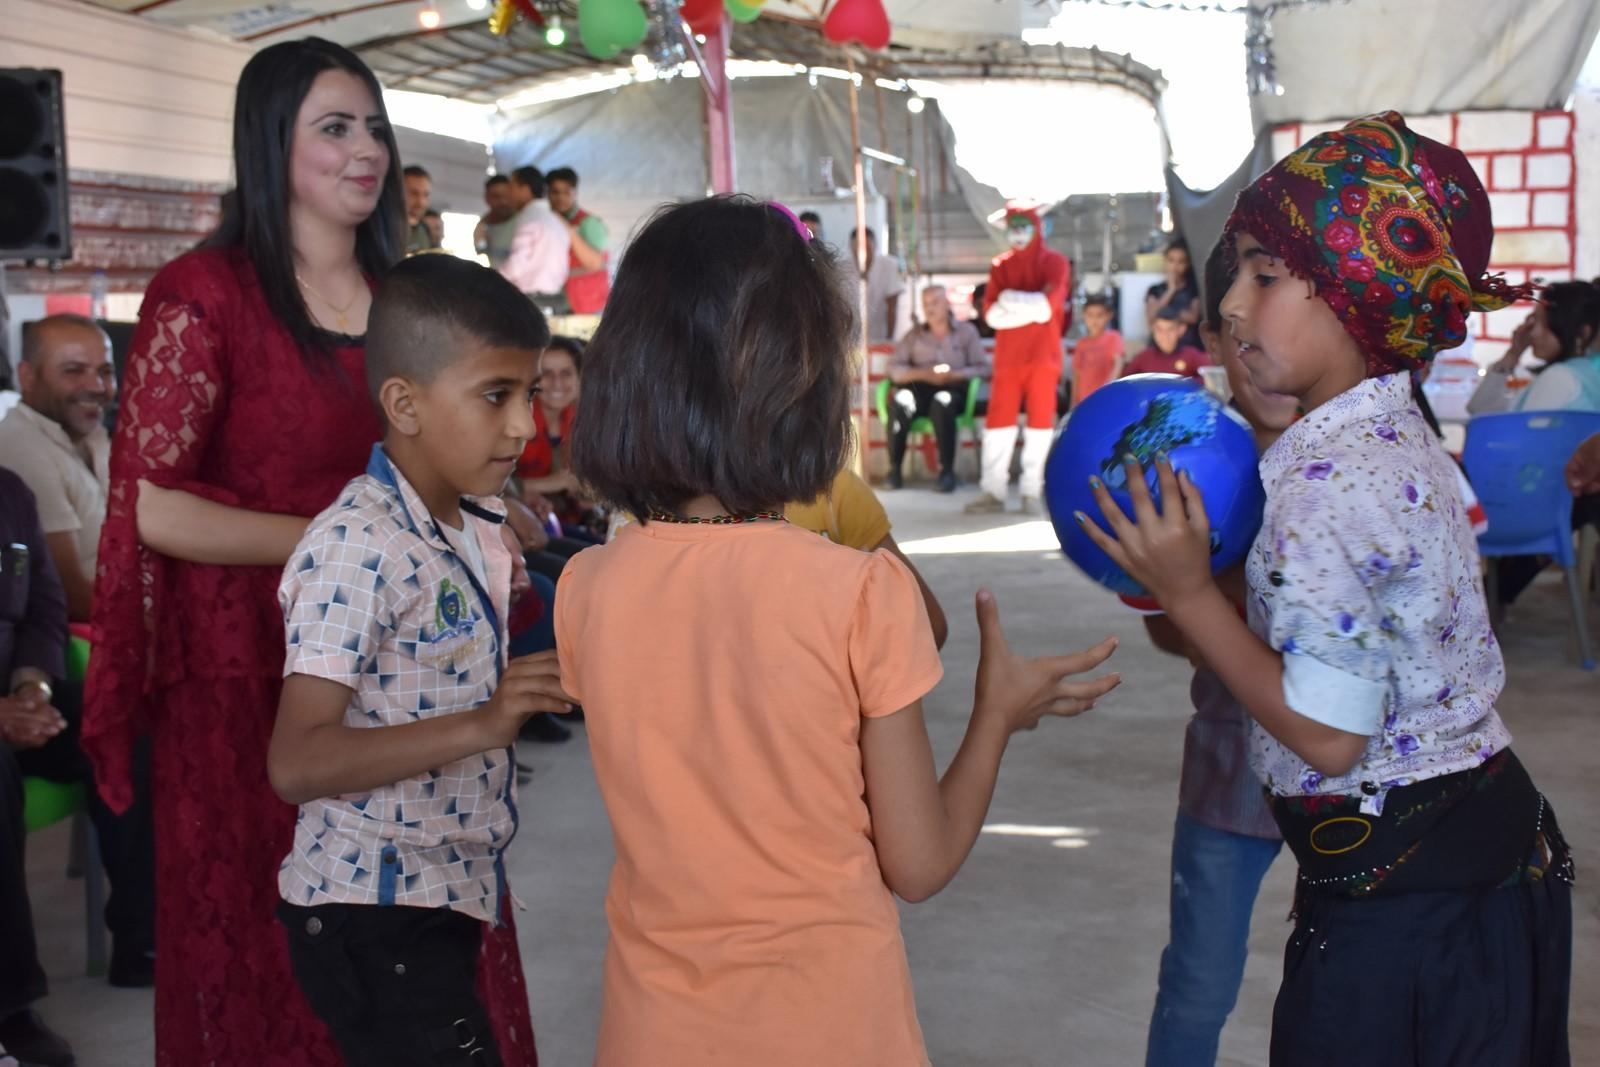 حفلة ترفيهية لأطفال الشهداء بمقاطعة الشهباء